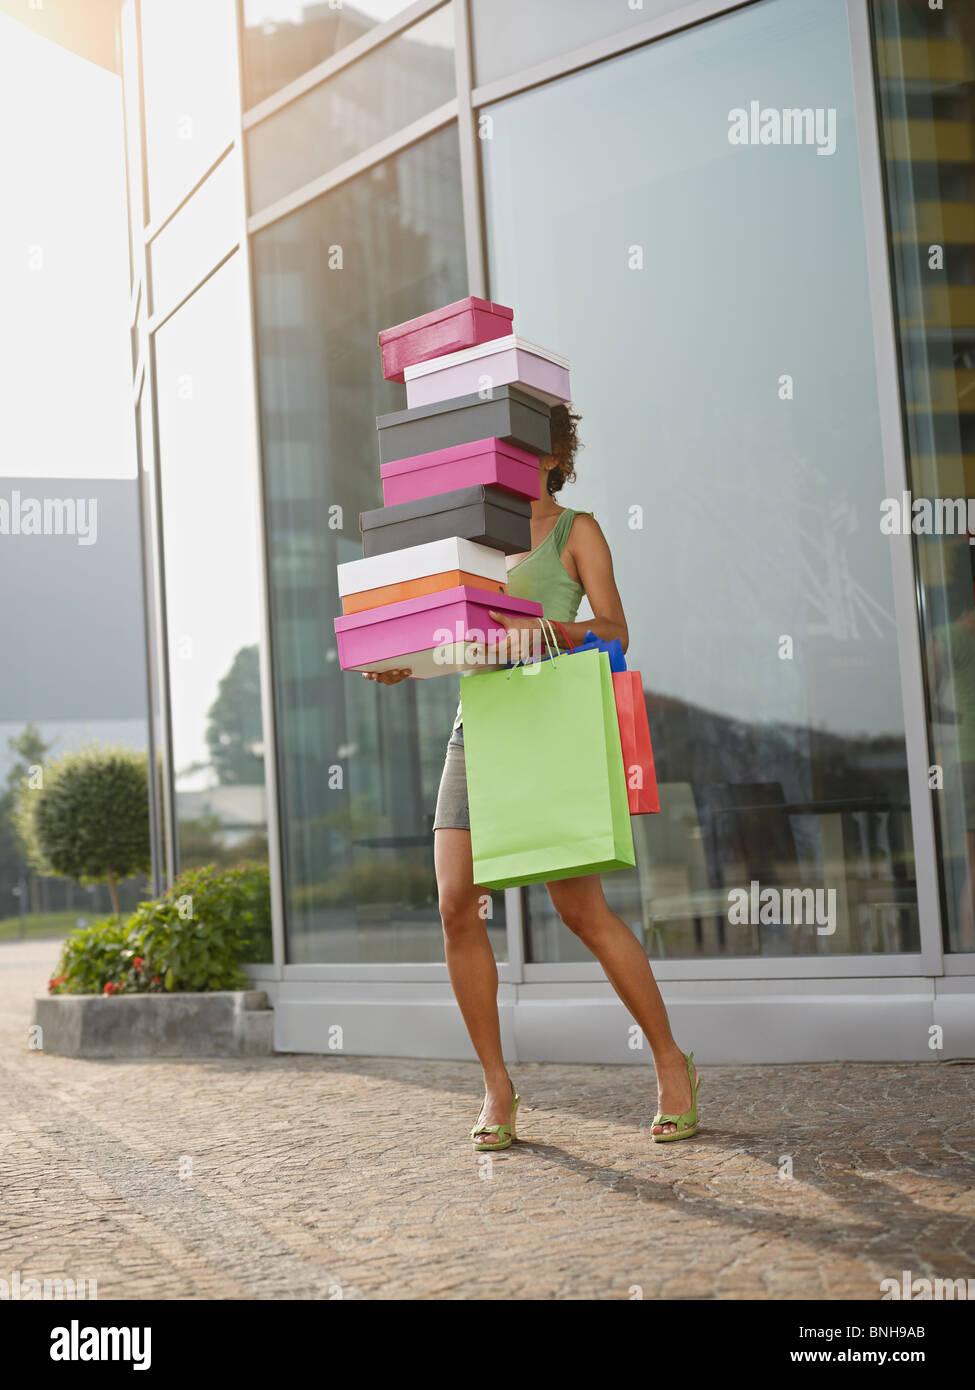 Hispanic woman balancing pile de boîtes à chaussures hors de centre commercial. La forme verticale, pleine Photo Stock